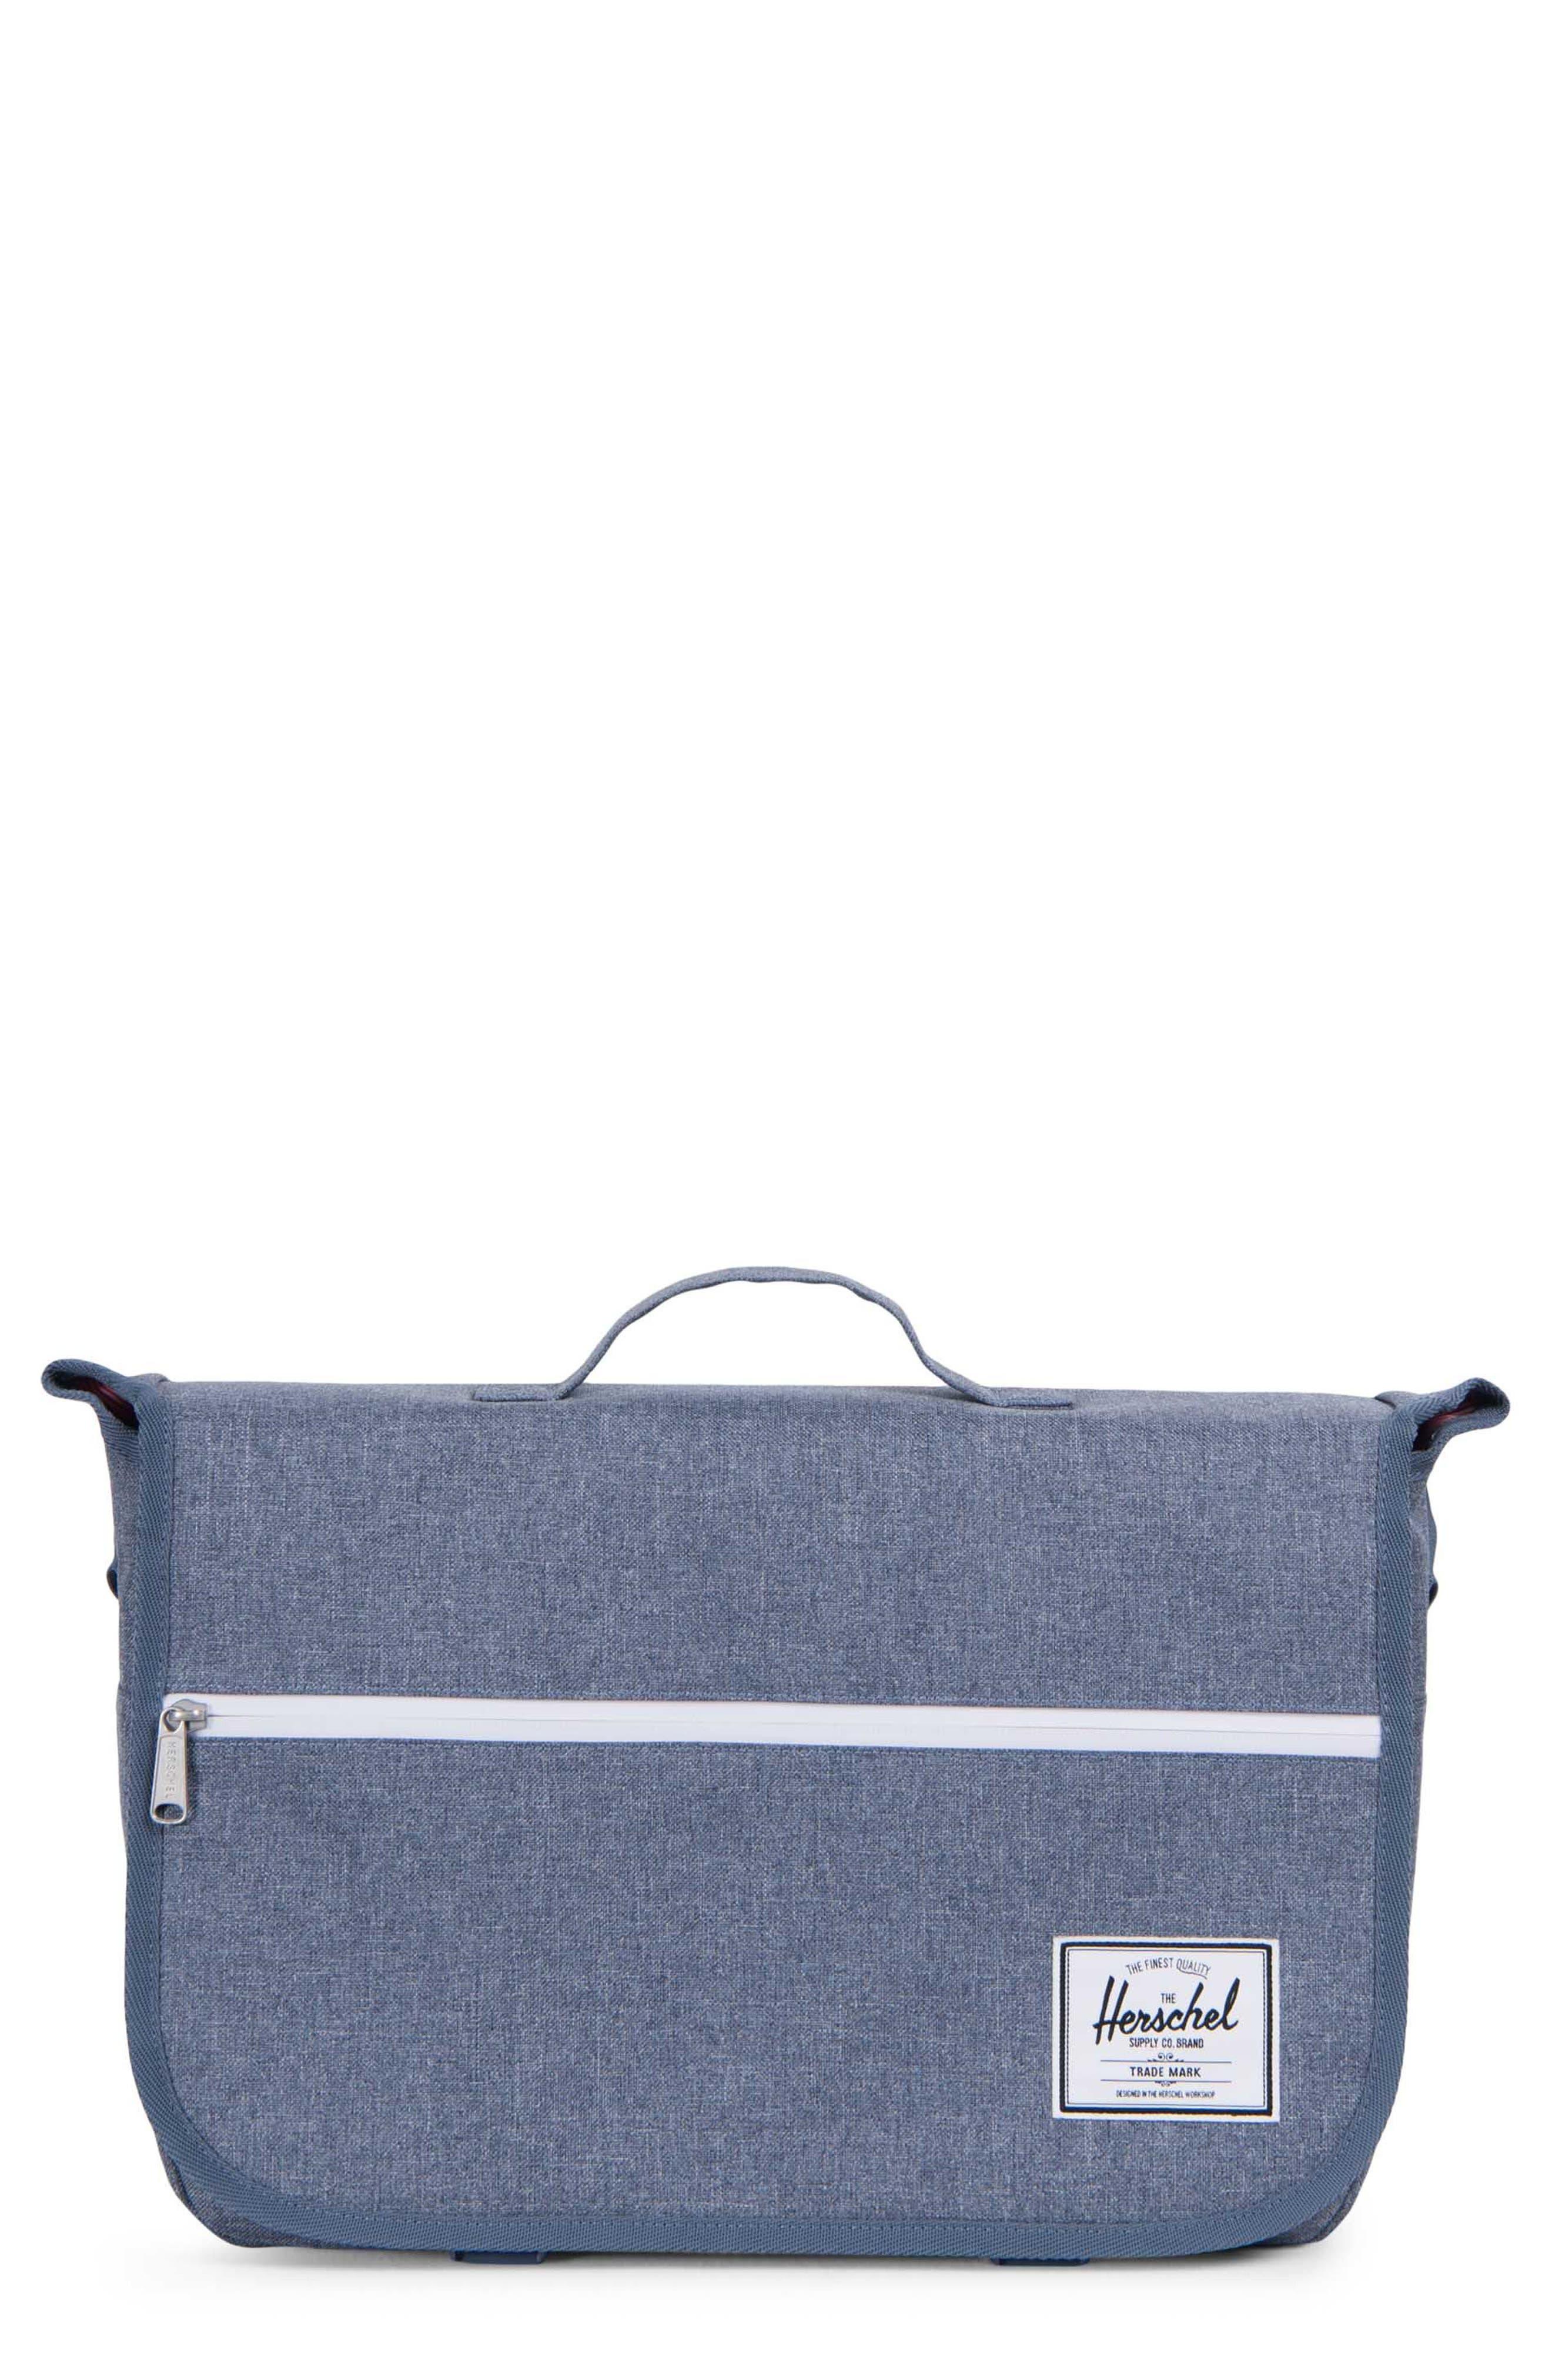 Herschel Supply Co. 'Pop Quiz' Messenger Bag